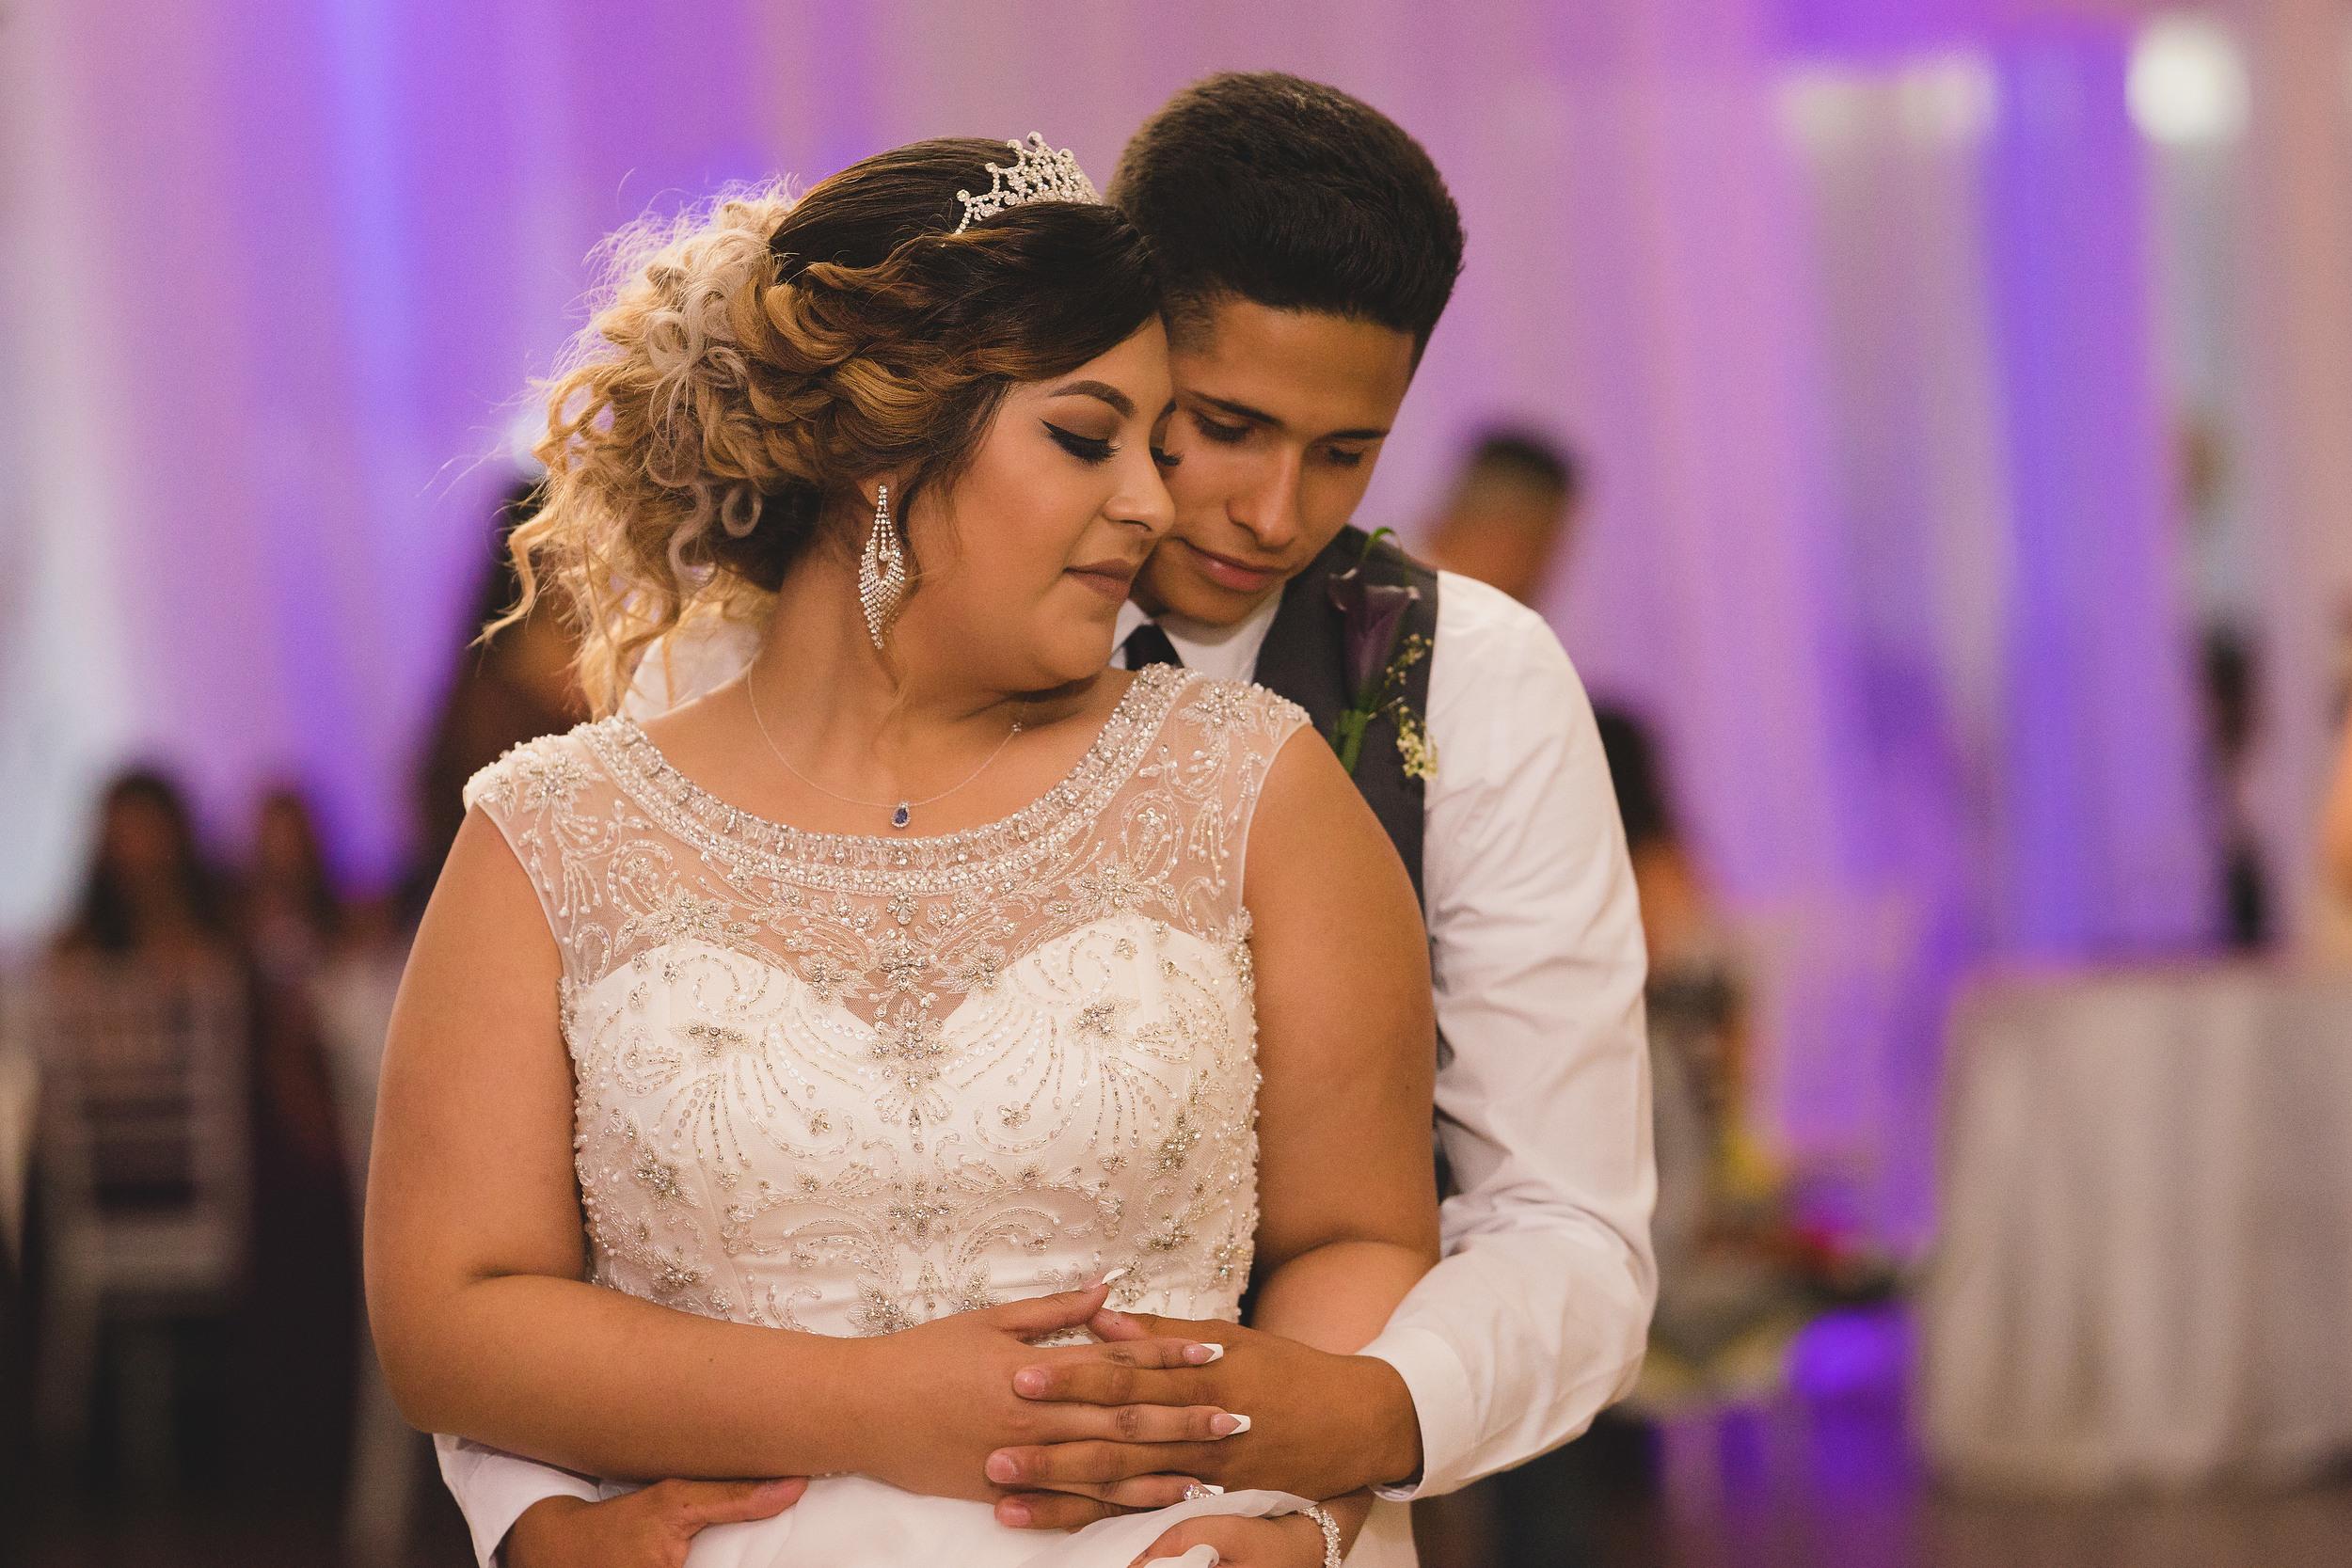 Moses Lake Wedding Photographer